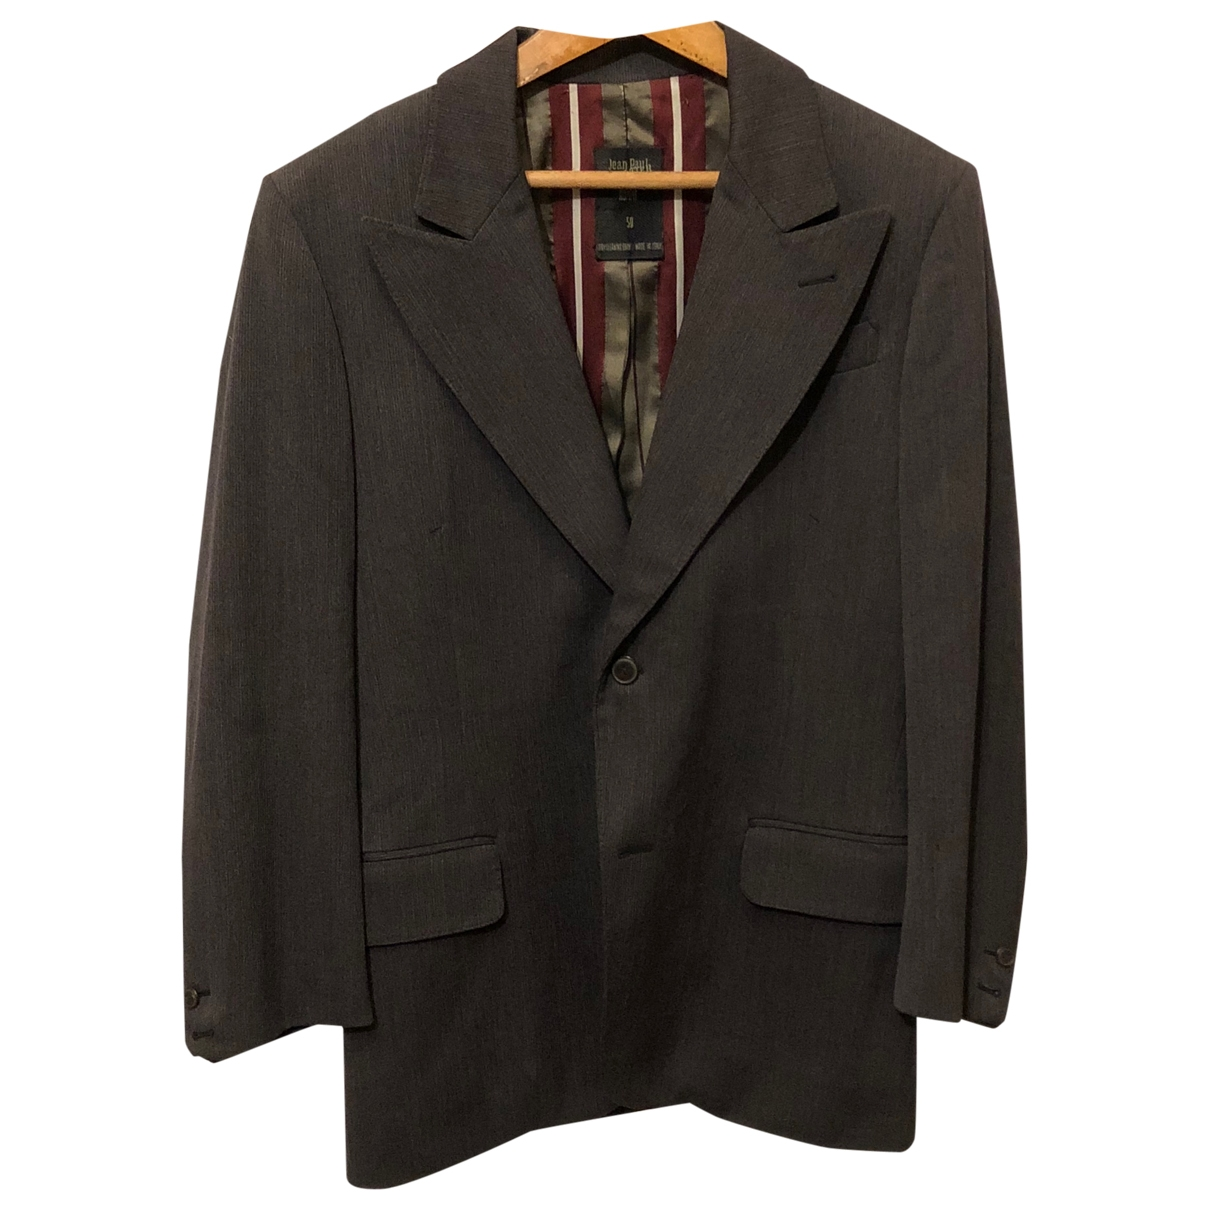 Jean Paul Gaultier \N Jacke in  Grau Wolle